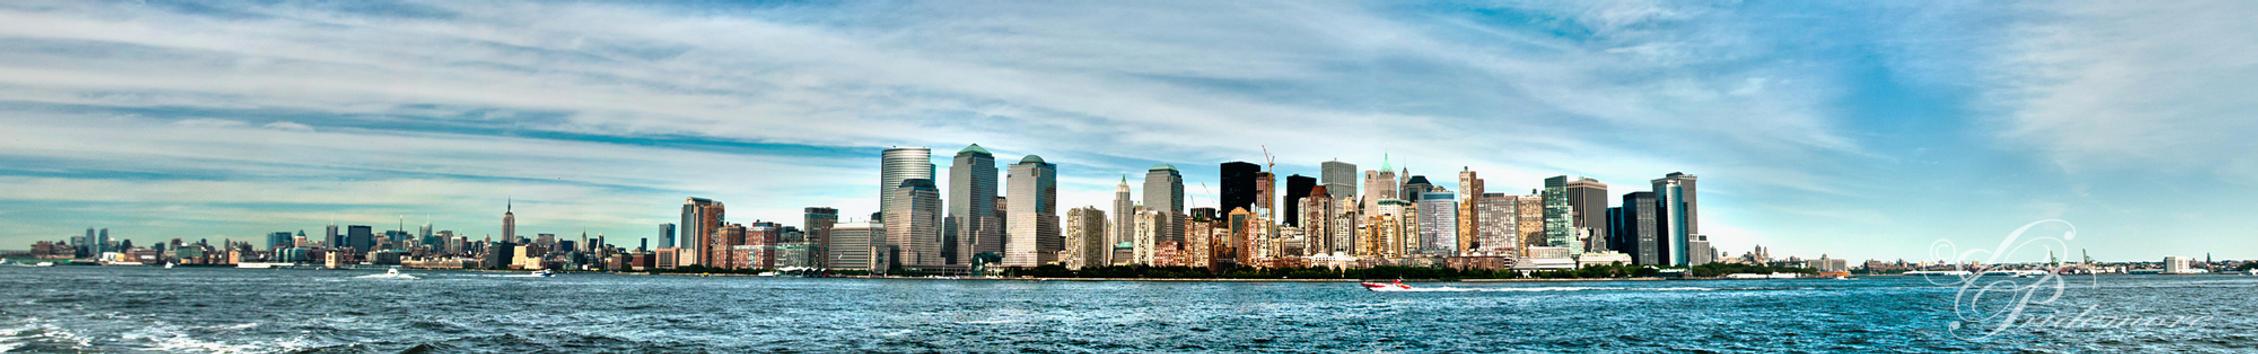 New York Skyline Panorama by deviouselite